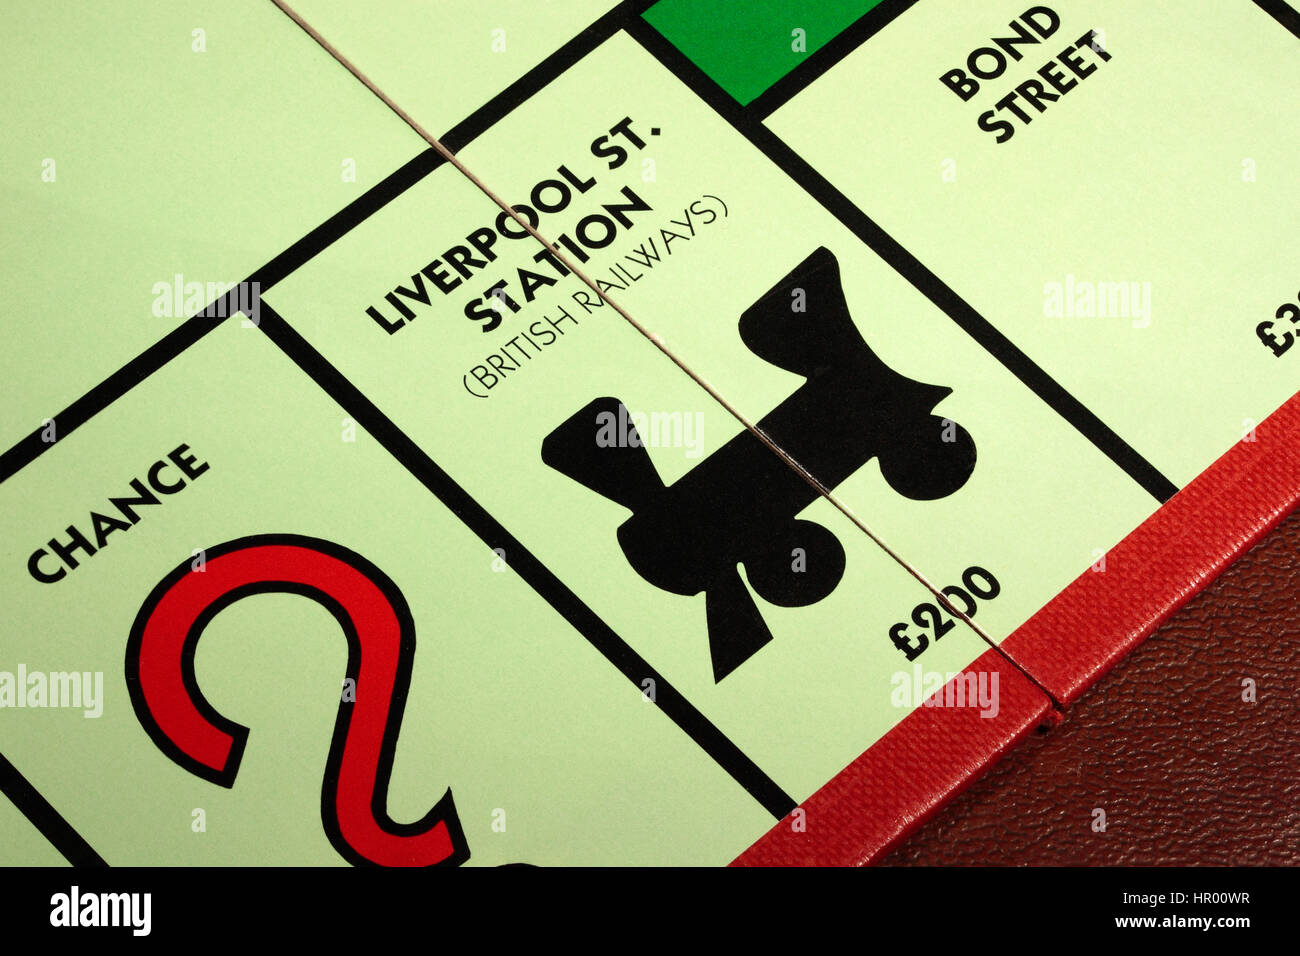 Juego De Mesa Monopolio Liverpool St Estacion De Ferrocarriles